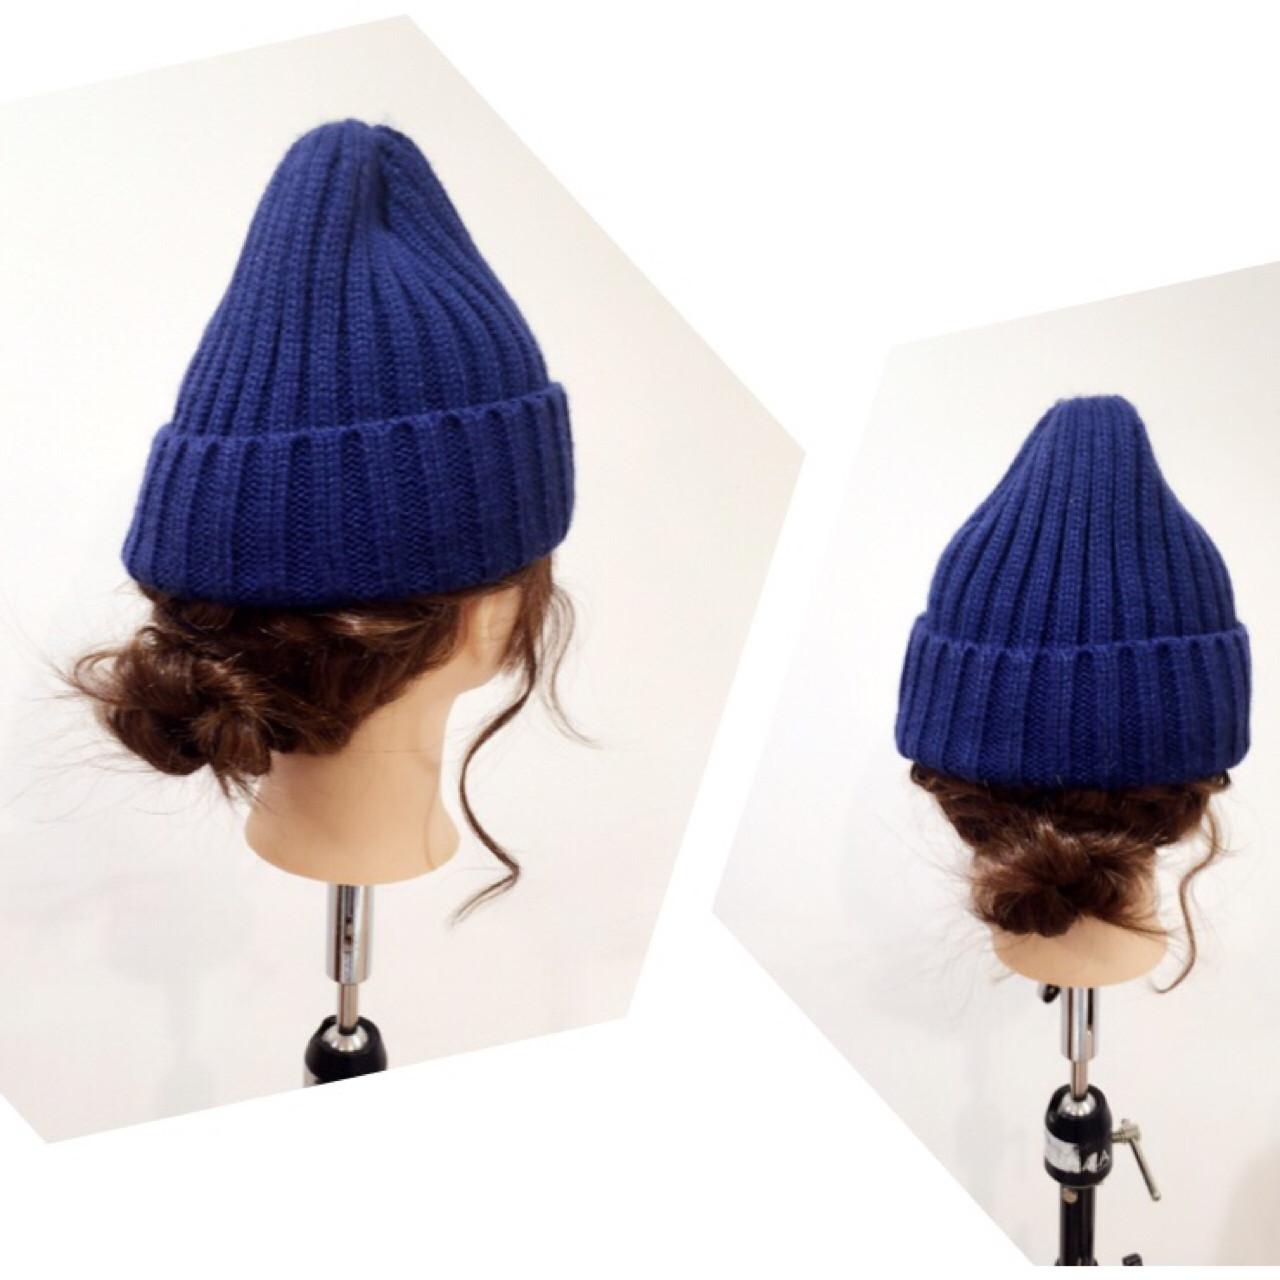 【ニット帽の髪型特集】おしゃれでかわいいヘアアレンジをマスター♡の11枚目の画像